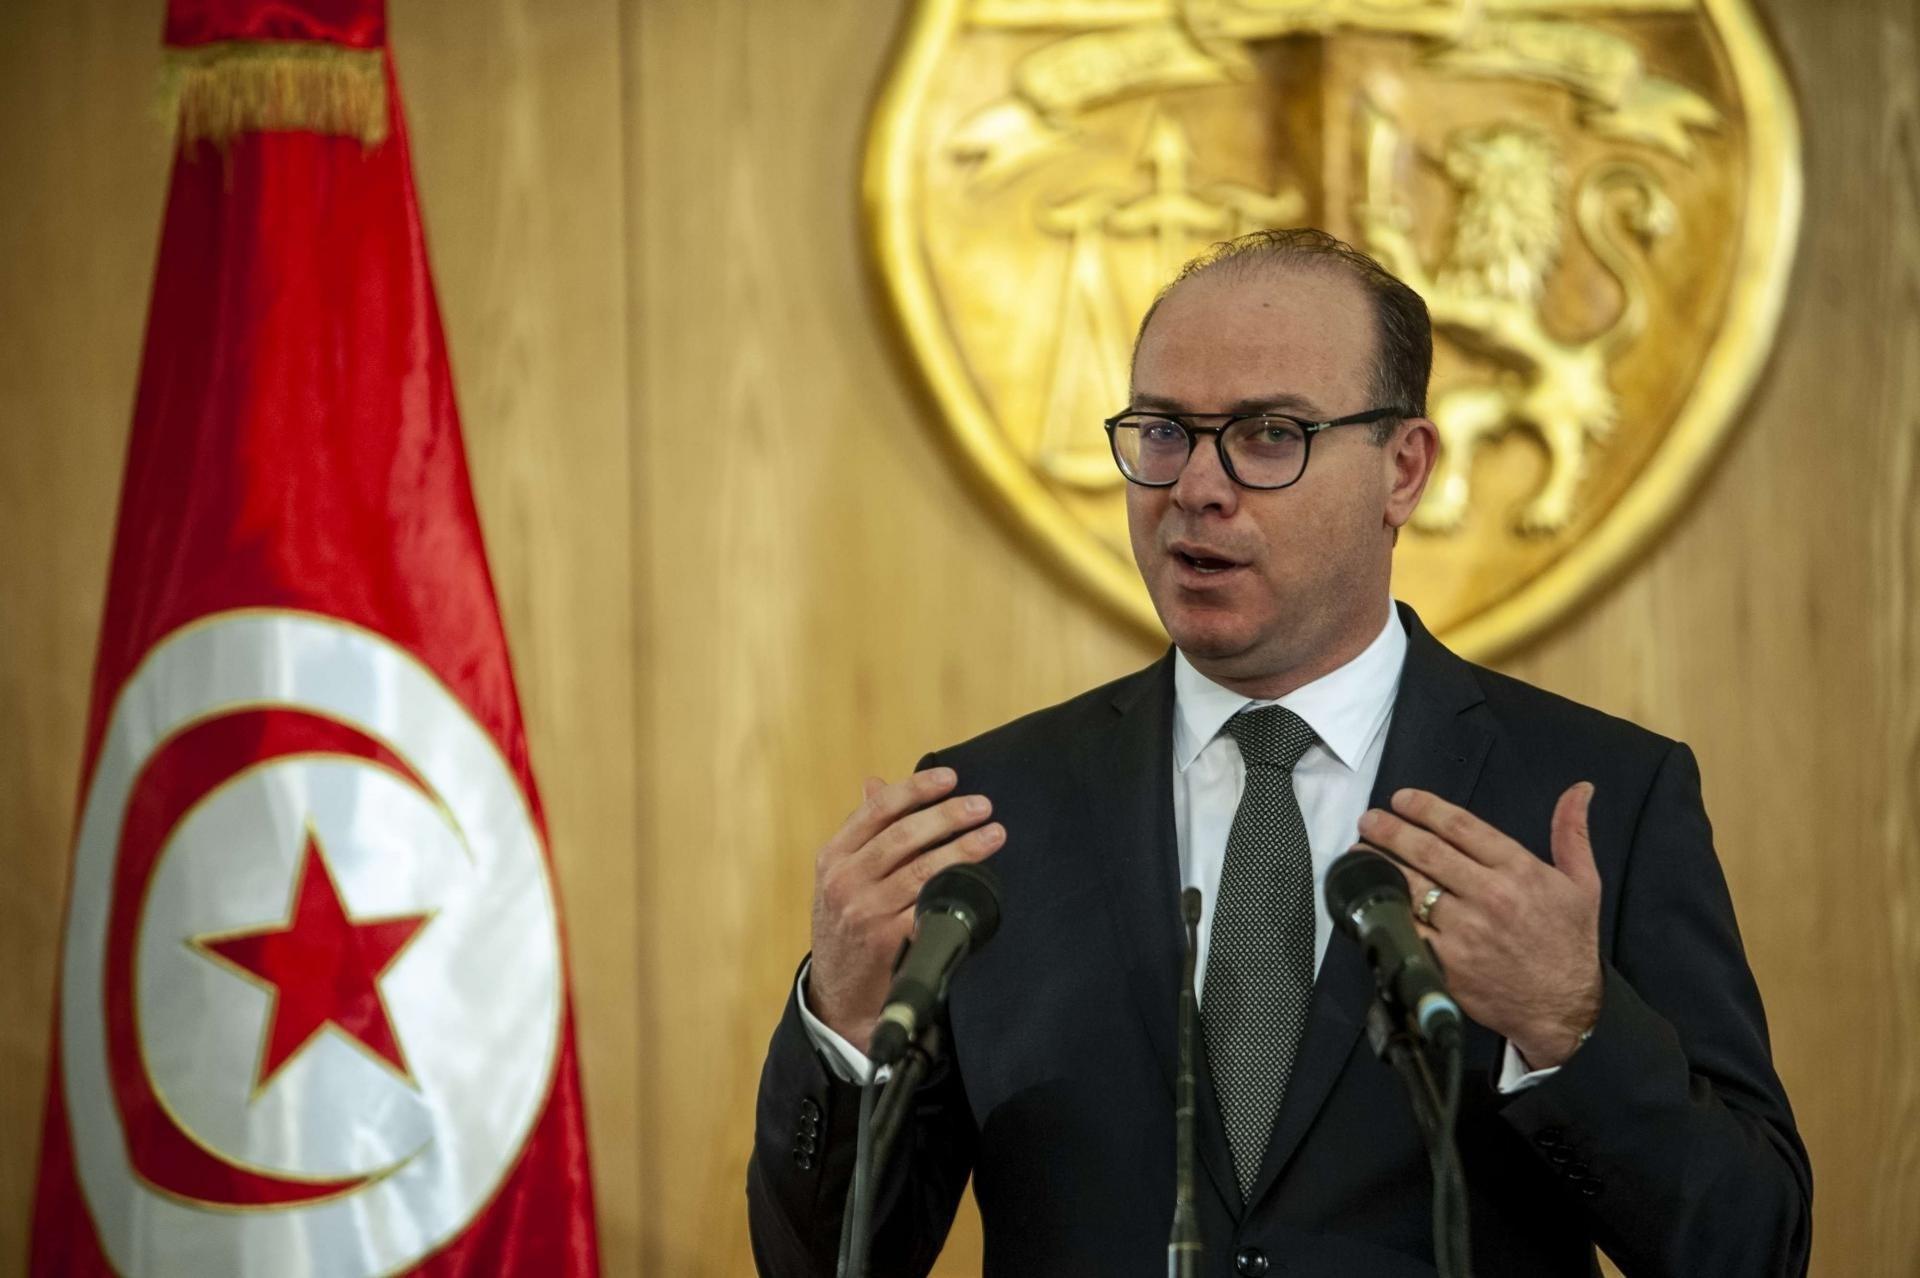 رئيس الحكومة التونسية يعلن إجراءات استثنائية ترافق الحجر الصحي العام